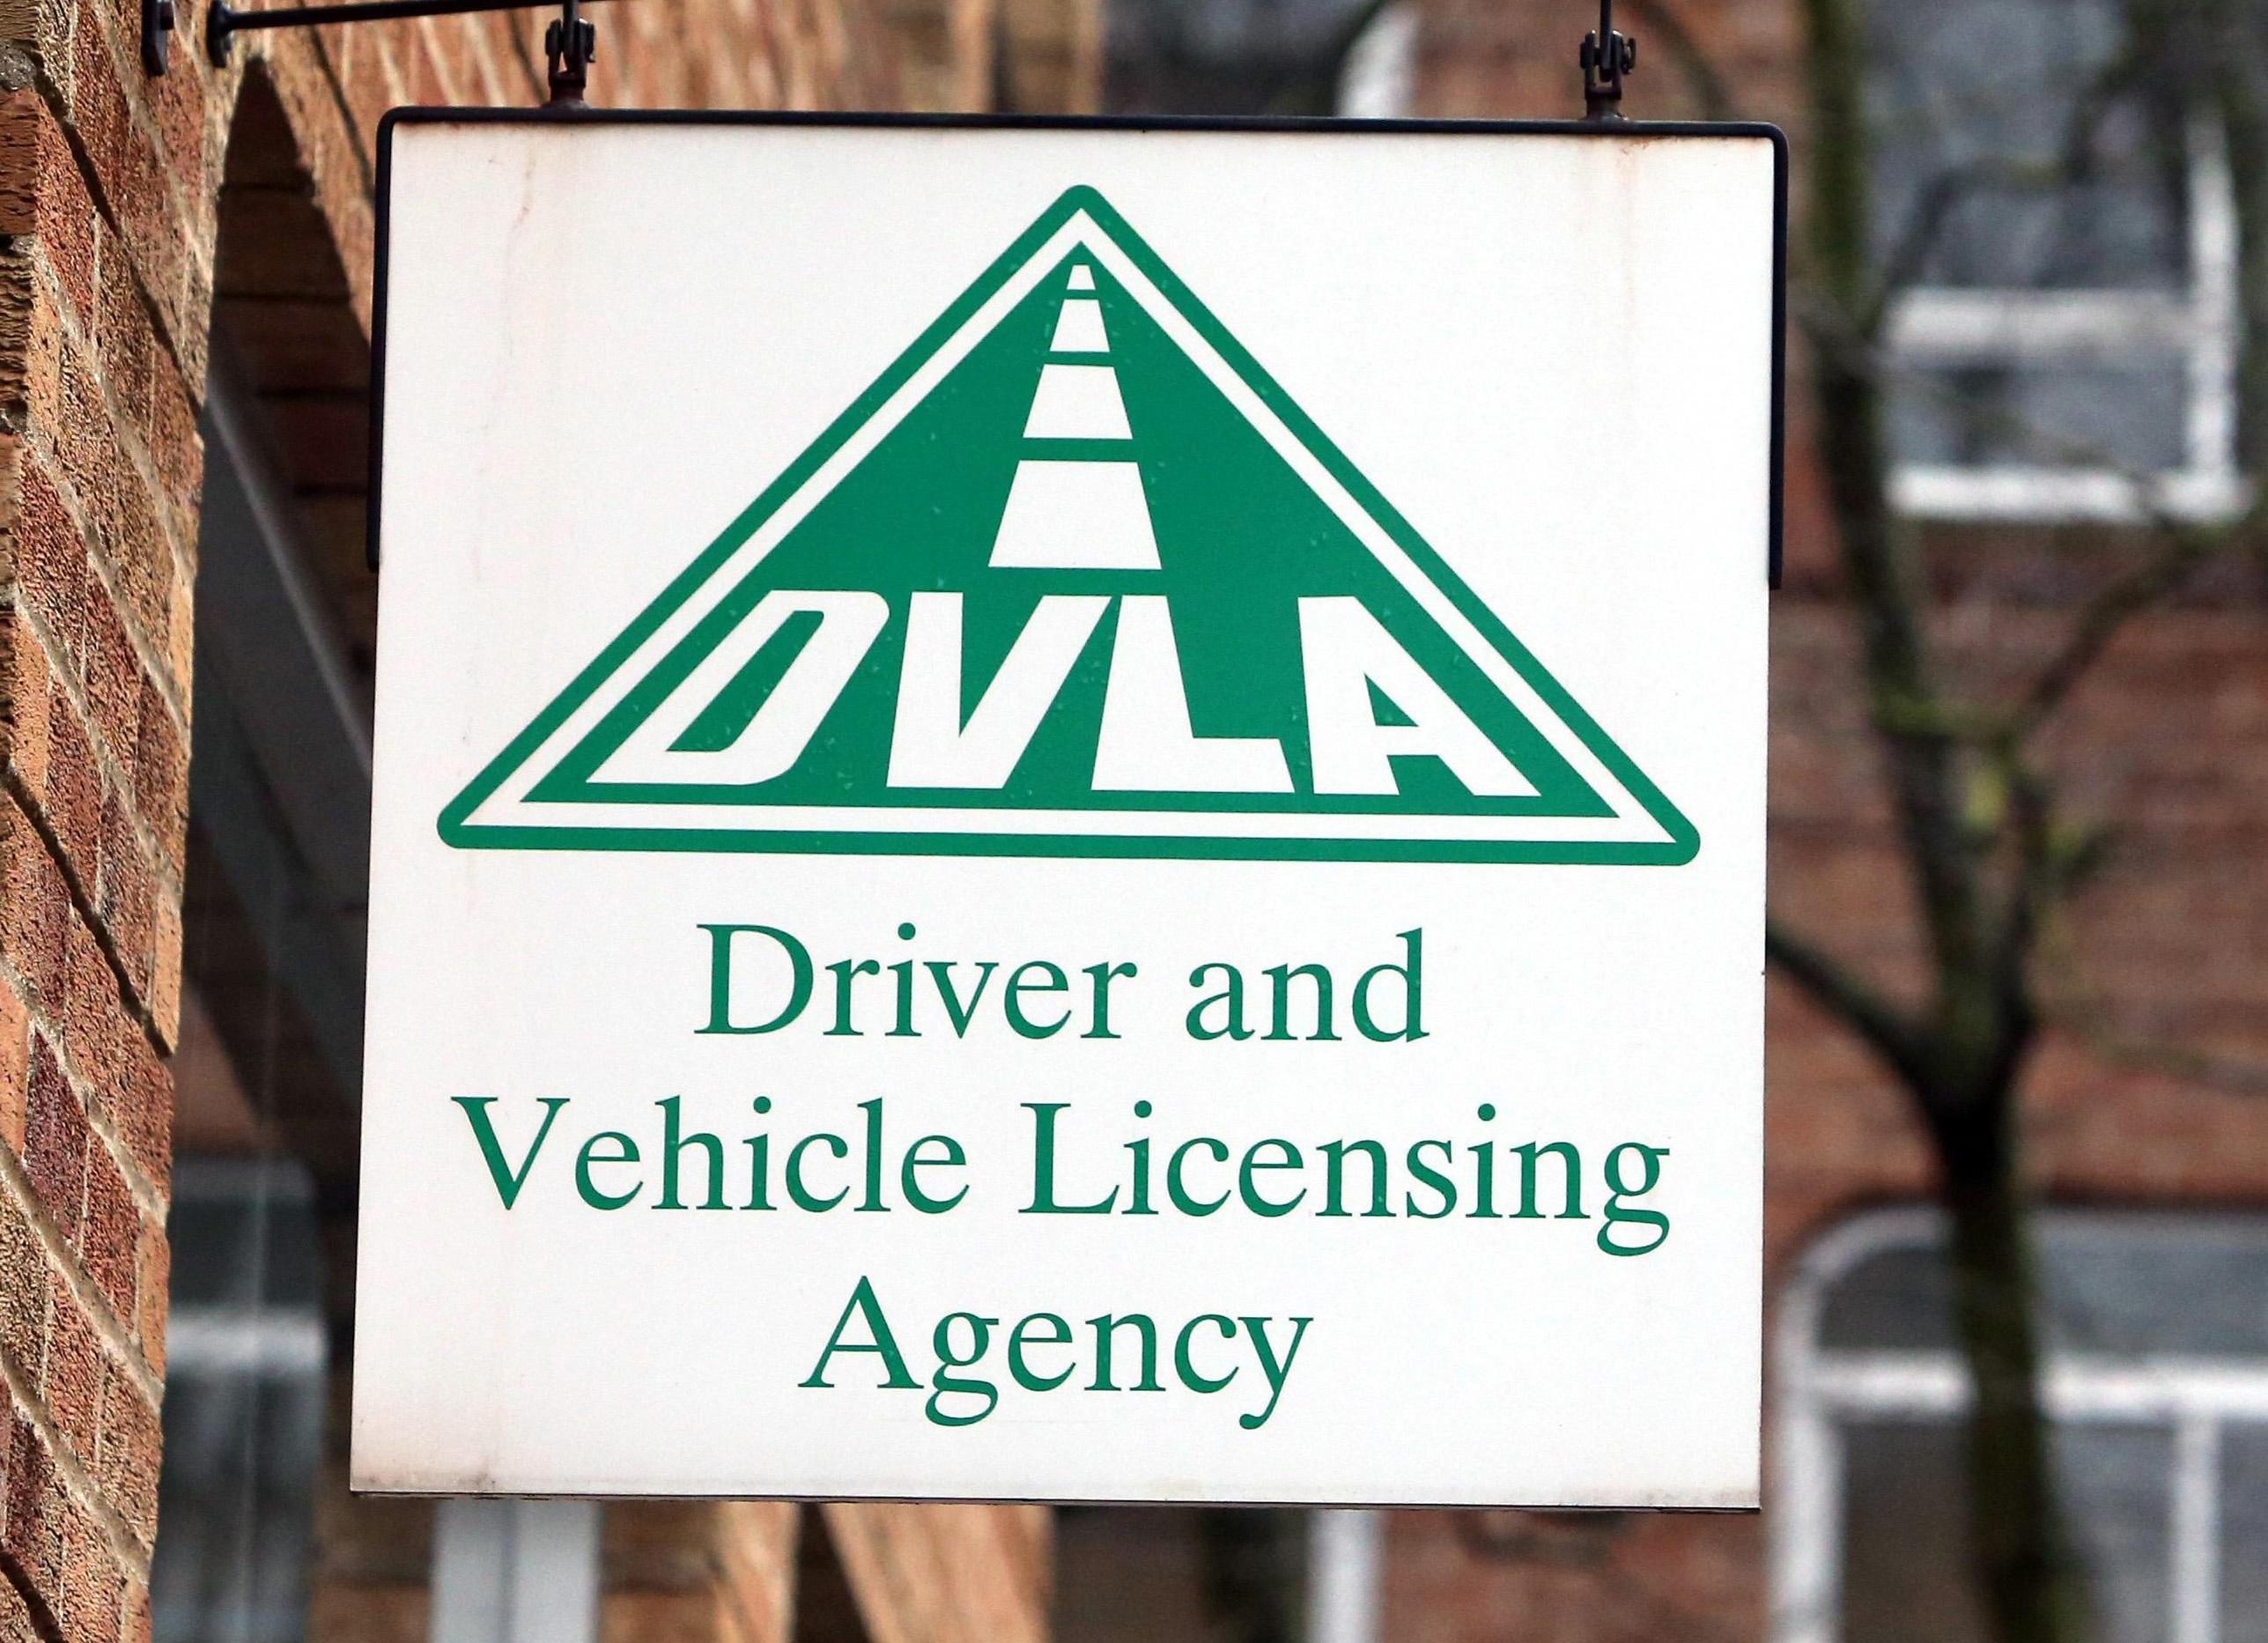 DVLA (Press Association)